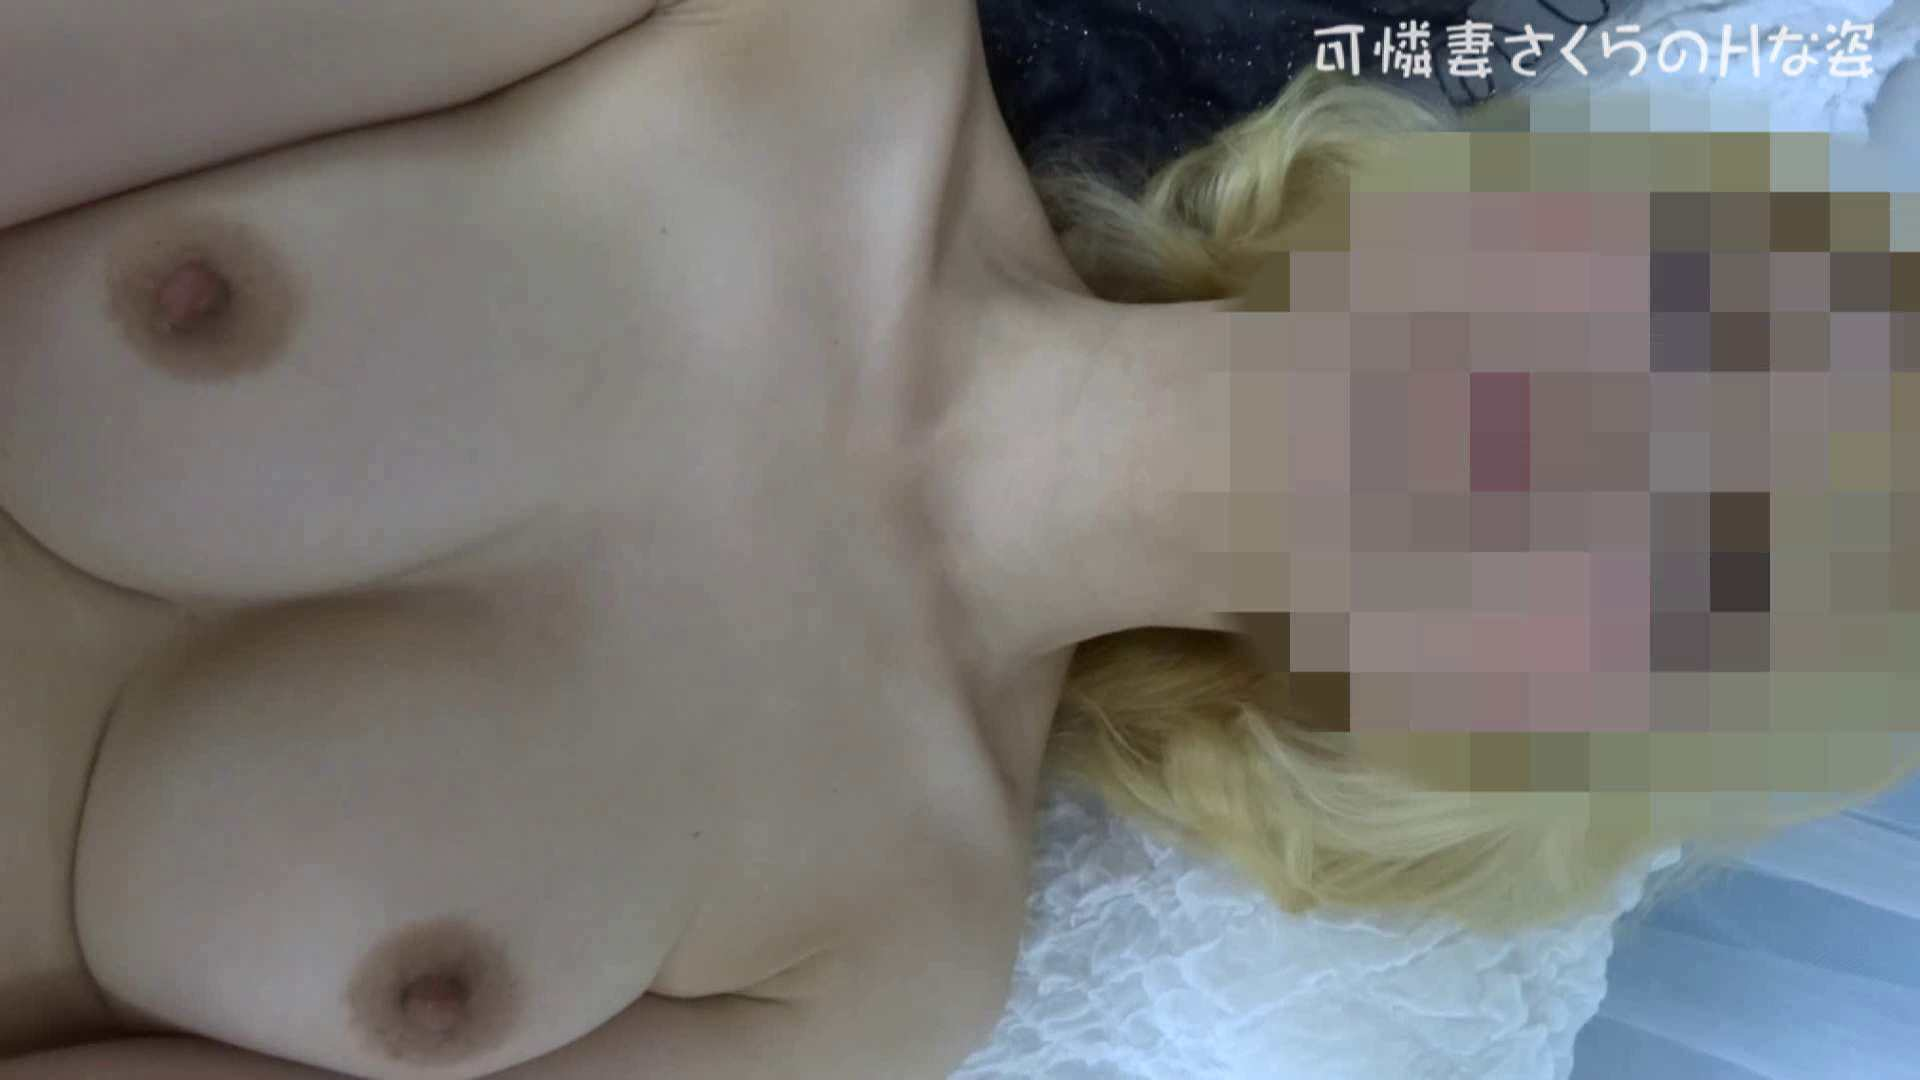 可憐妻さくらのHな姿vol.29 リアル・マンコ セックス無修正動画無料 51pic 15